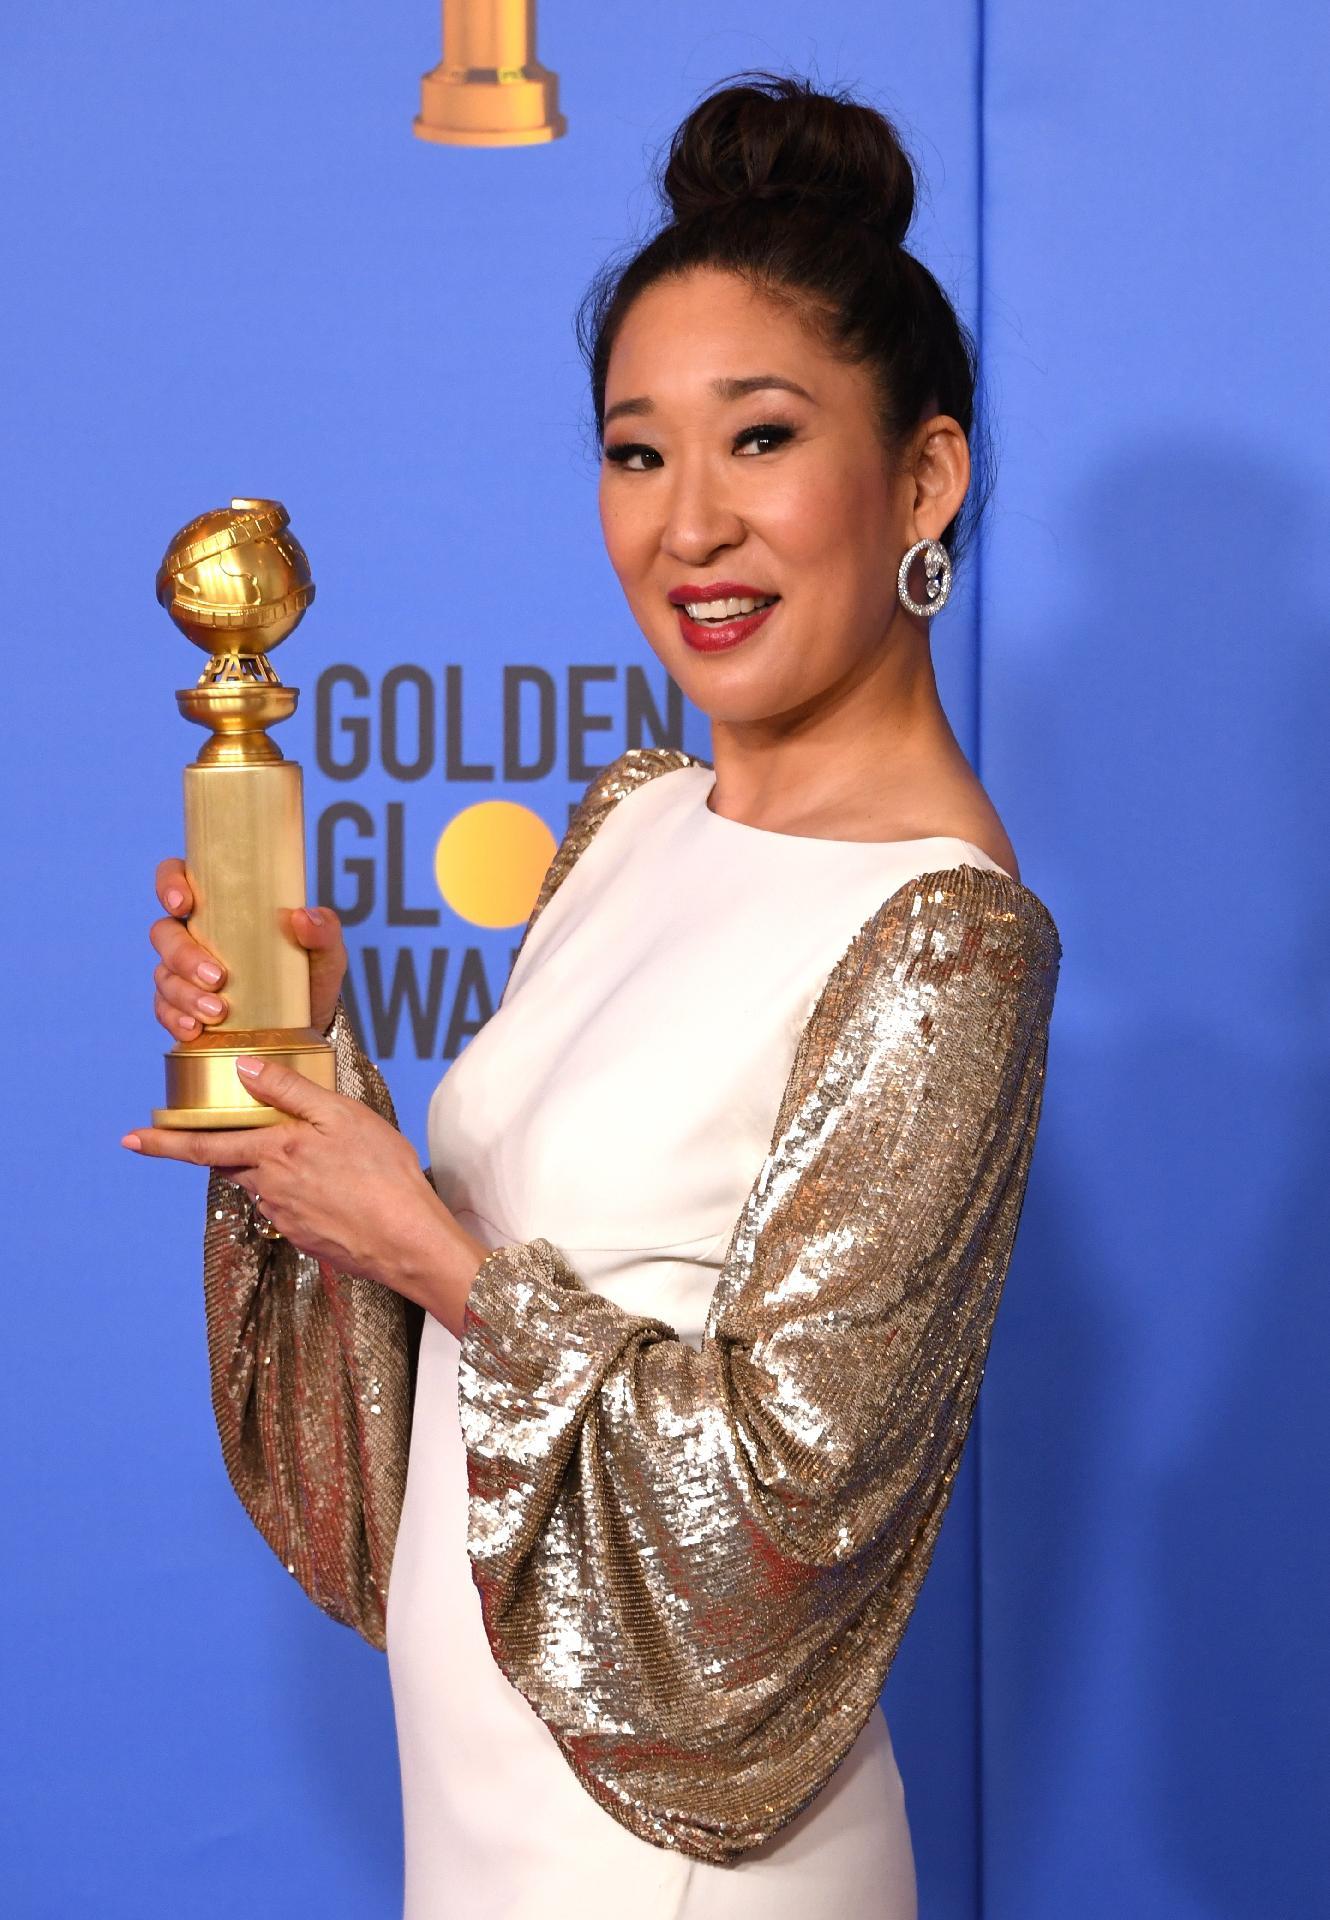 Apresentadora Do Globo De Ouro Sandra Oh Leva Prêmio De